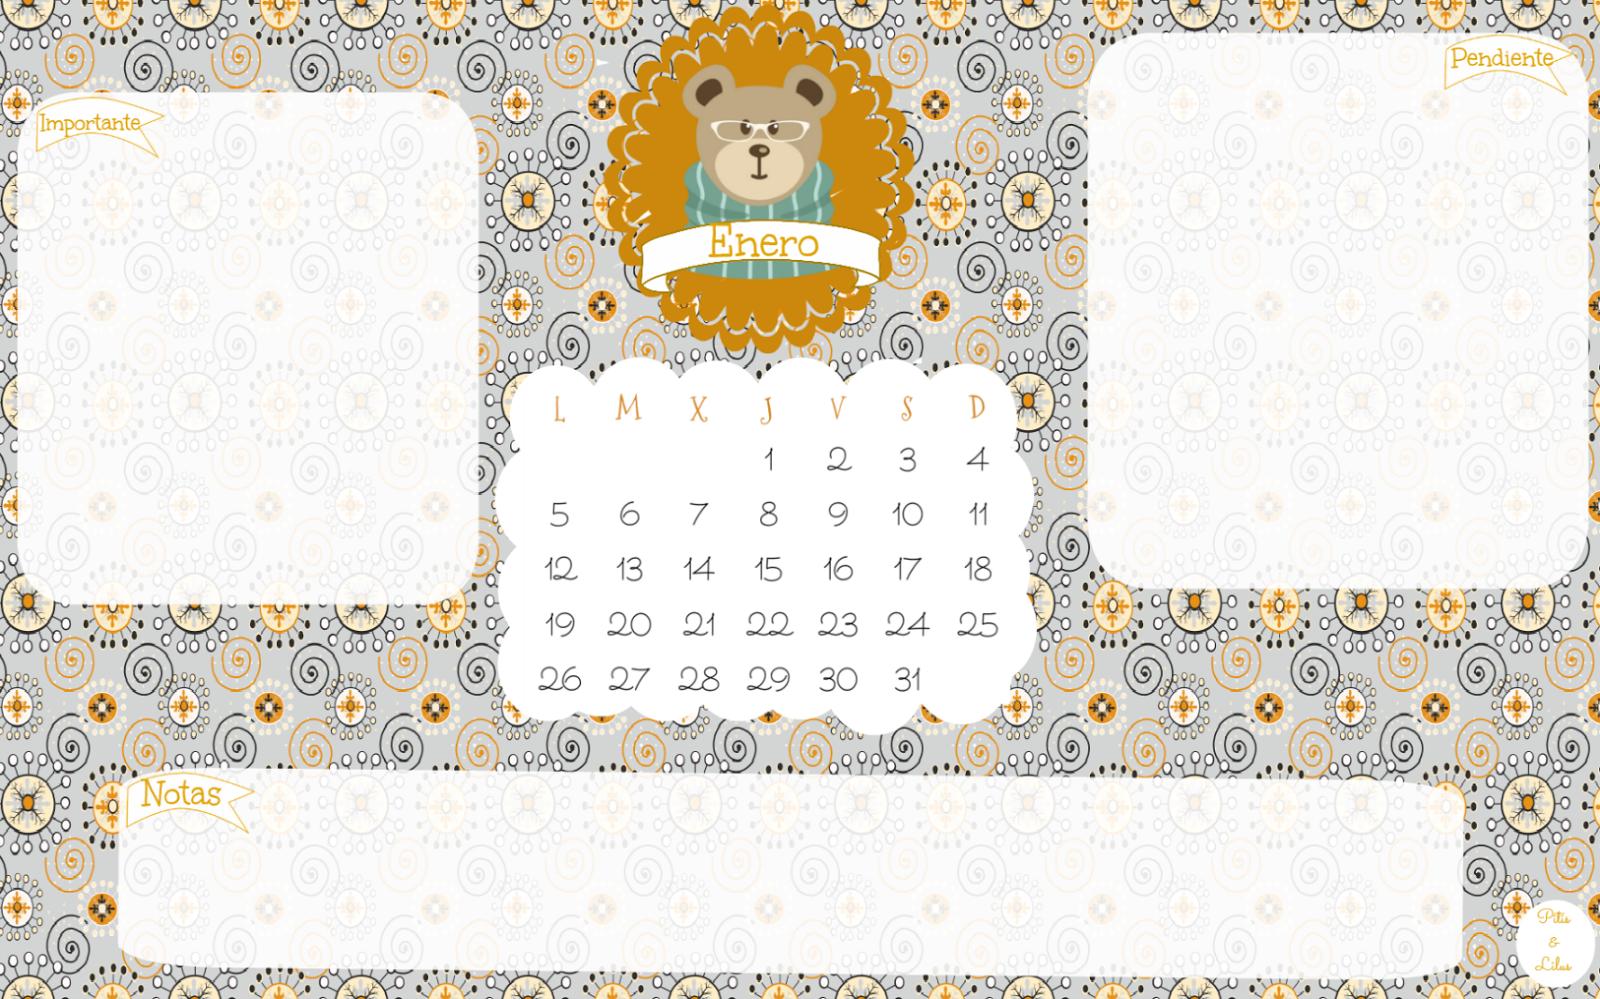 wallpaper /fondo de pantalla descargable imprimible enero 2015 castellano,euskera,catalán, inglés